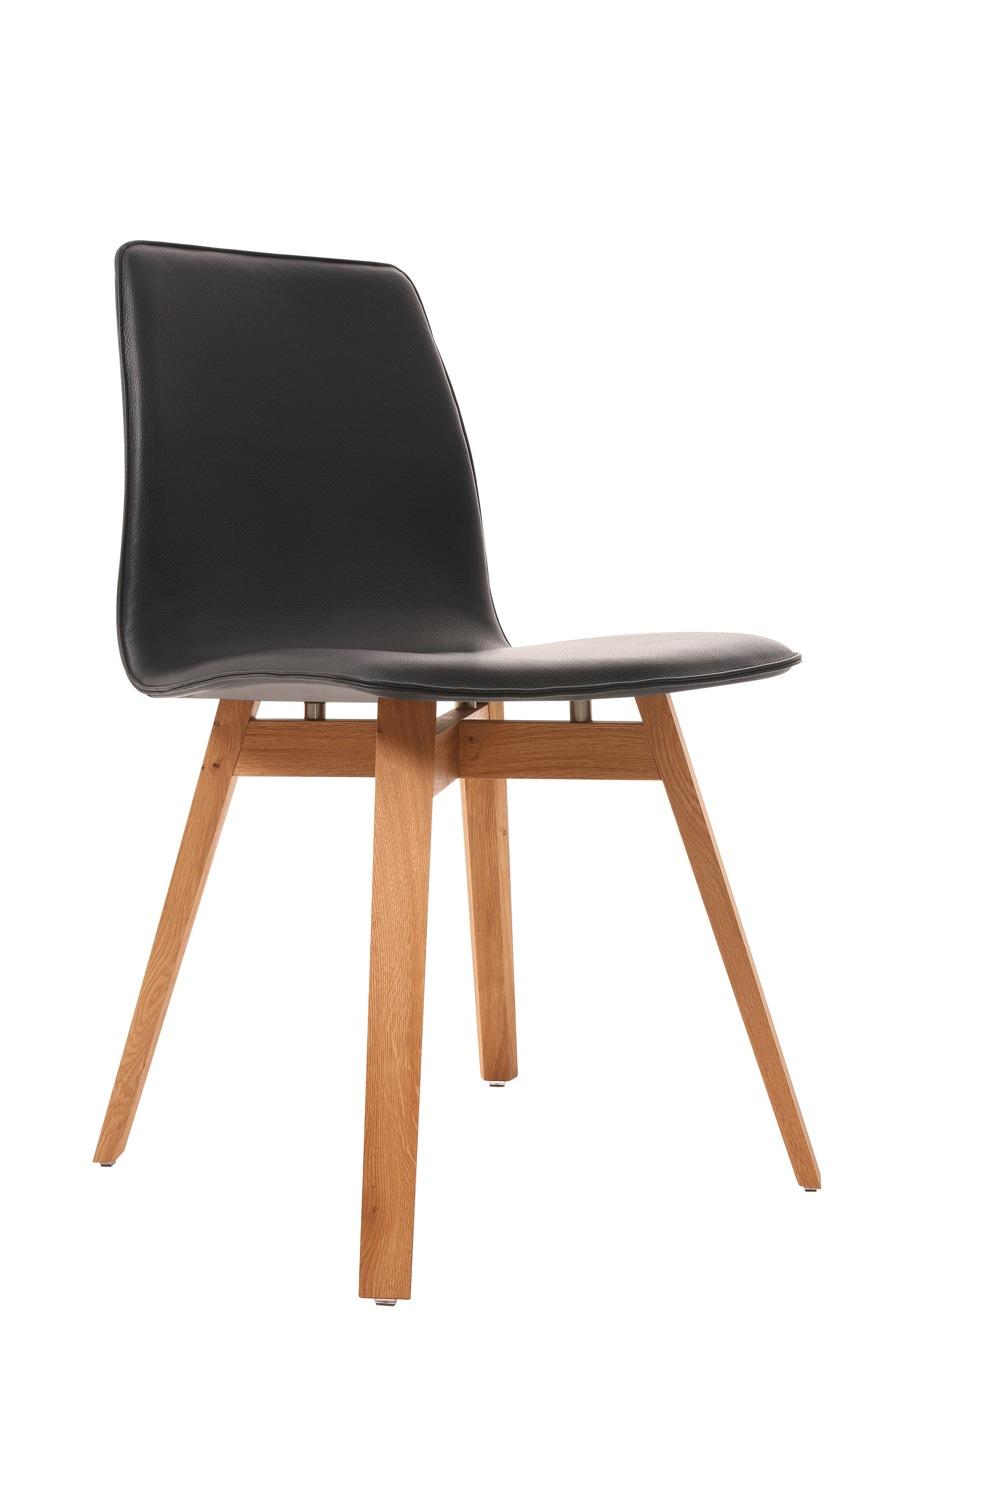 tisch barbarossa 250 jahre alt und doch ganz neu. Black Bedroom Furniture Sets. Home Design Ideas